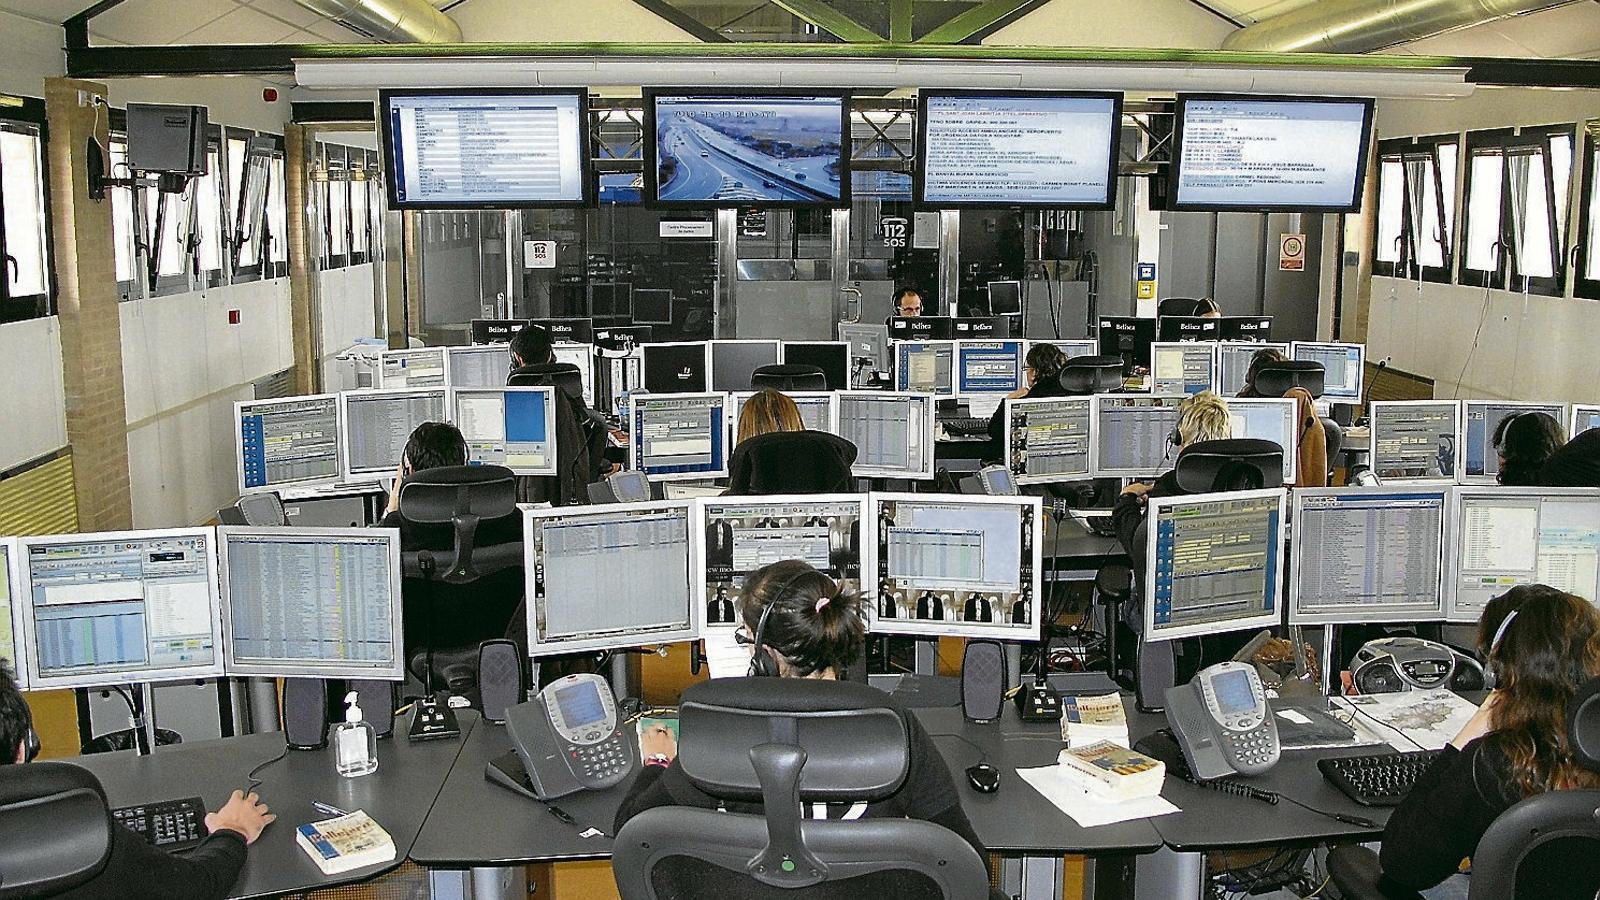 Més recursos per reduir el temps            de resposta a les emergències greus